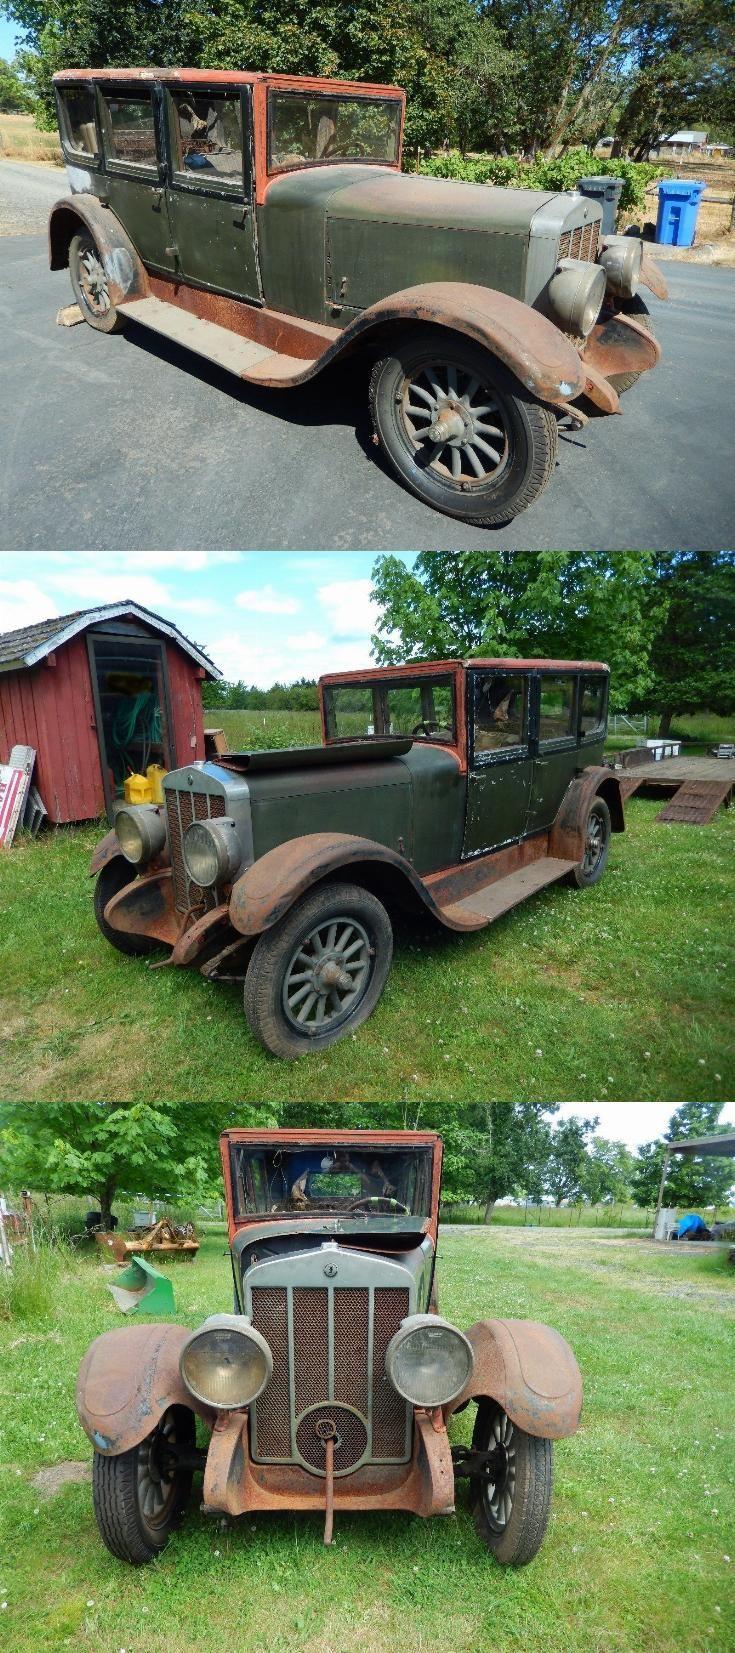 1926 Franklin Model 11a Air Cooled Engine Antique Vintage